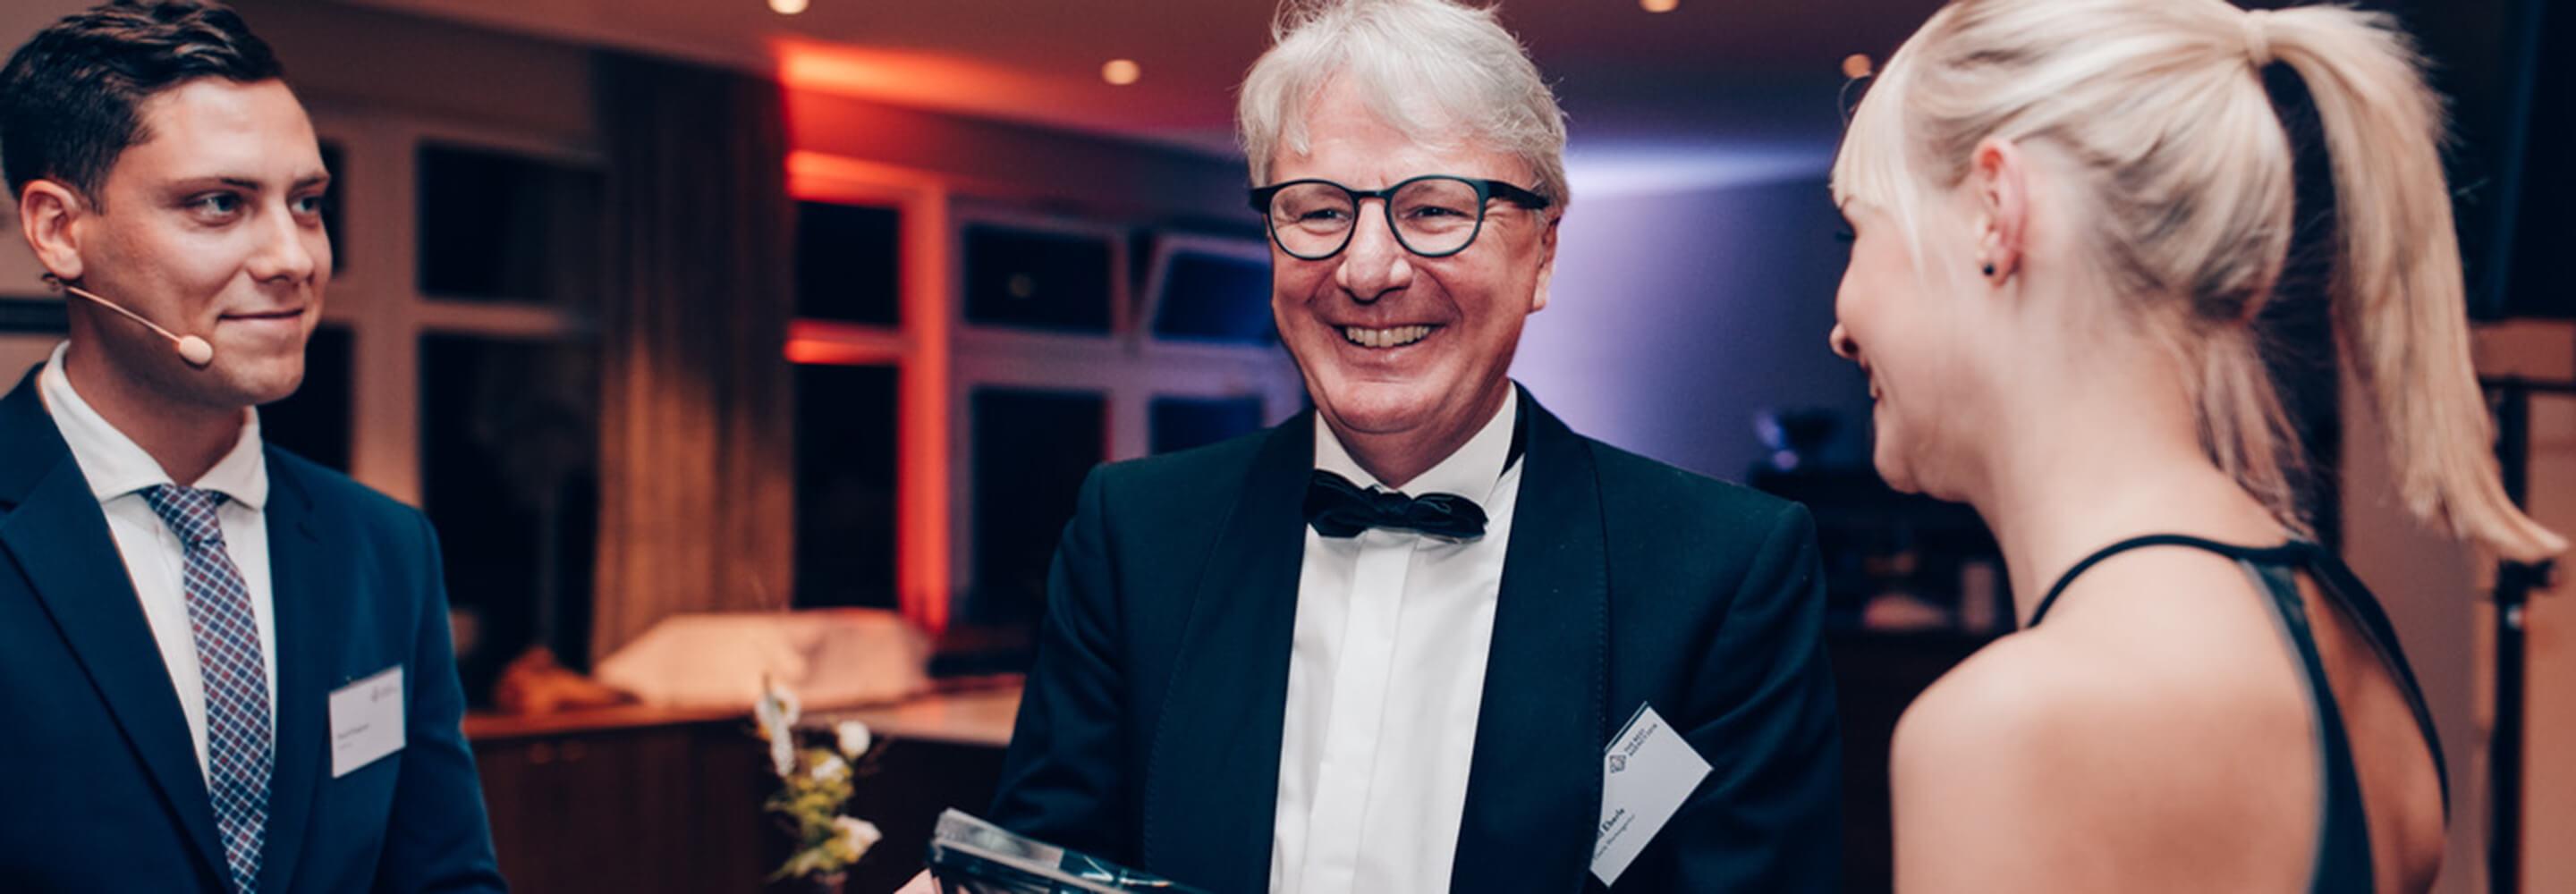 Eberle_Werbeagentur_Bernd_Eberle_Best_Agency_2018b